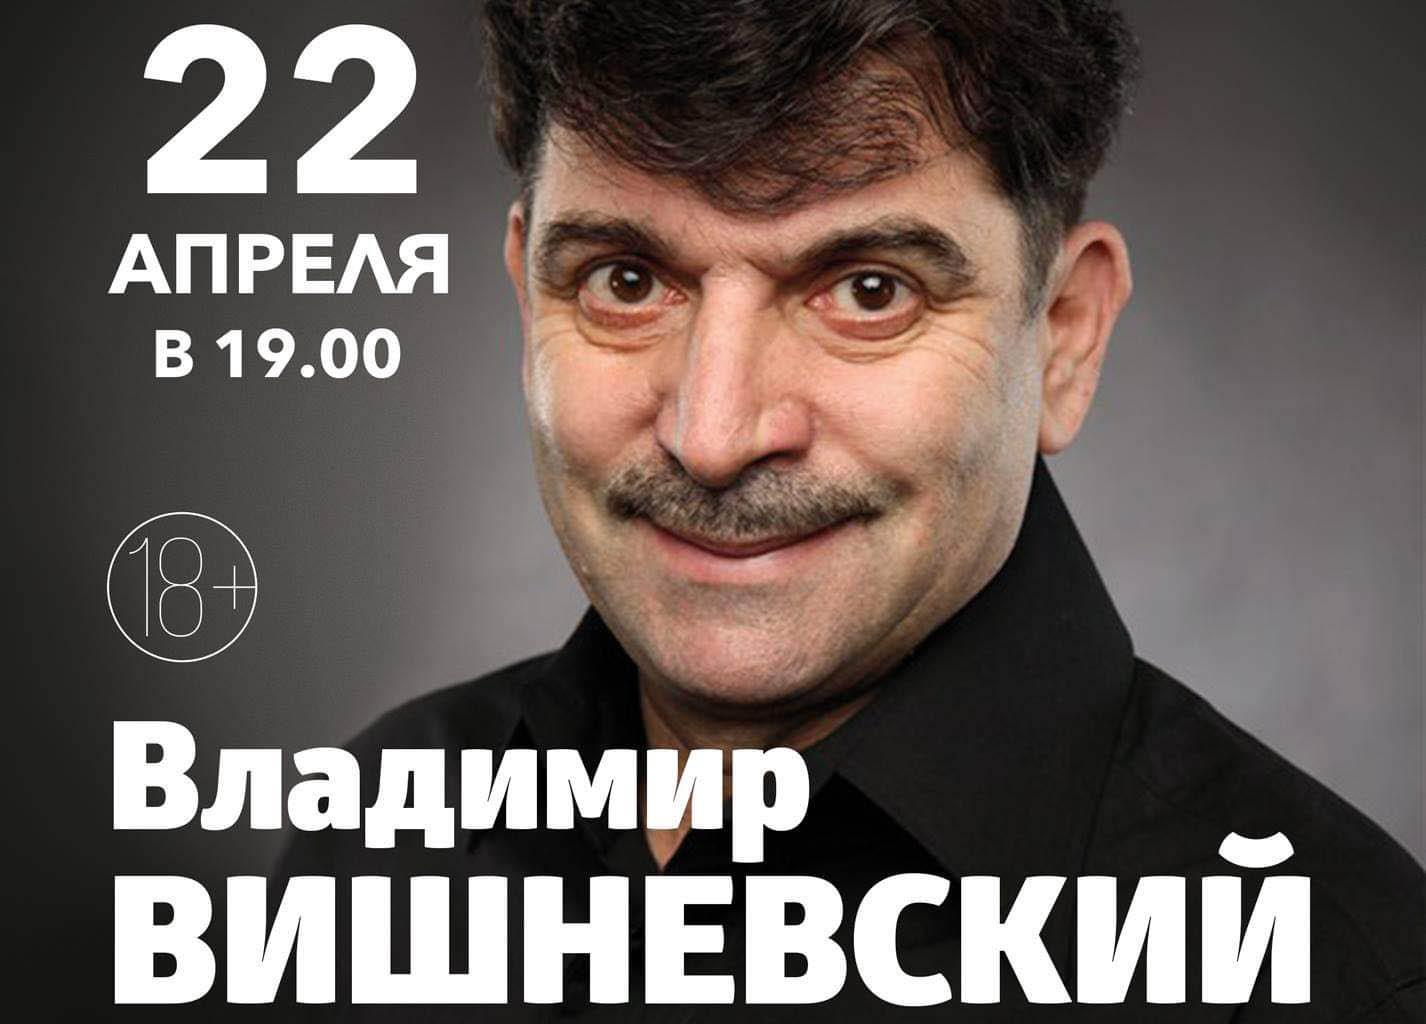 22 апреля Владимир Вишневский выступит на Невском проспекте